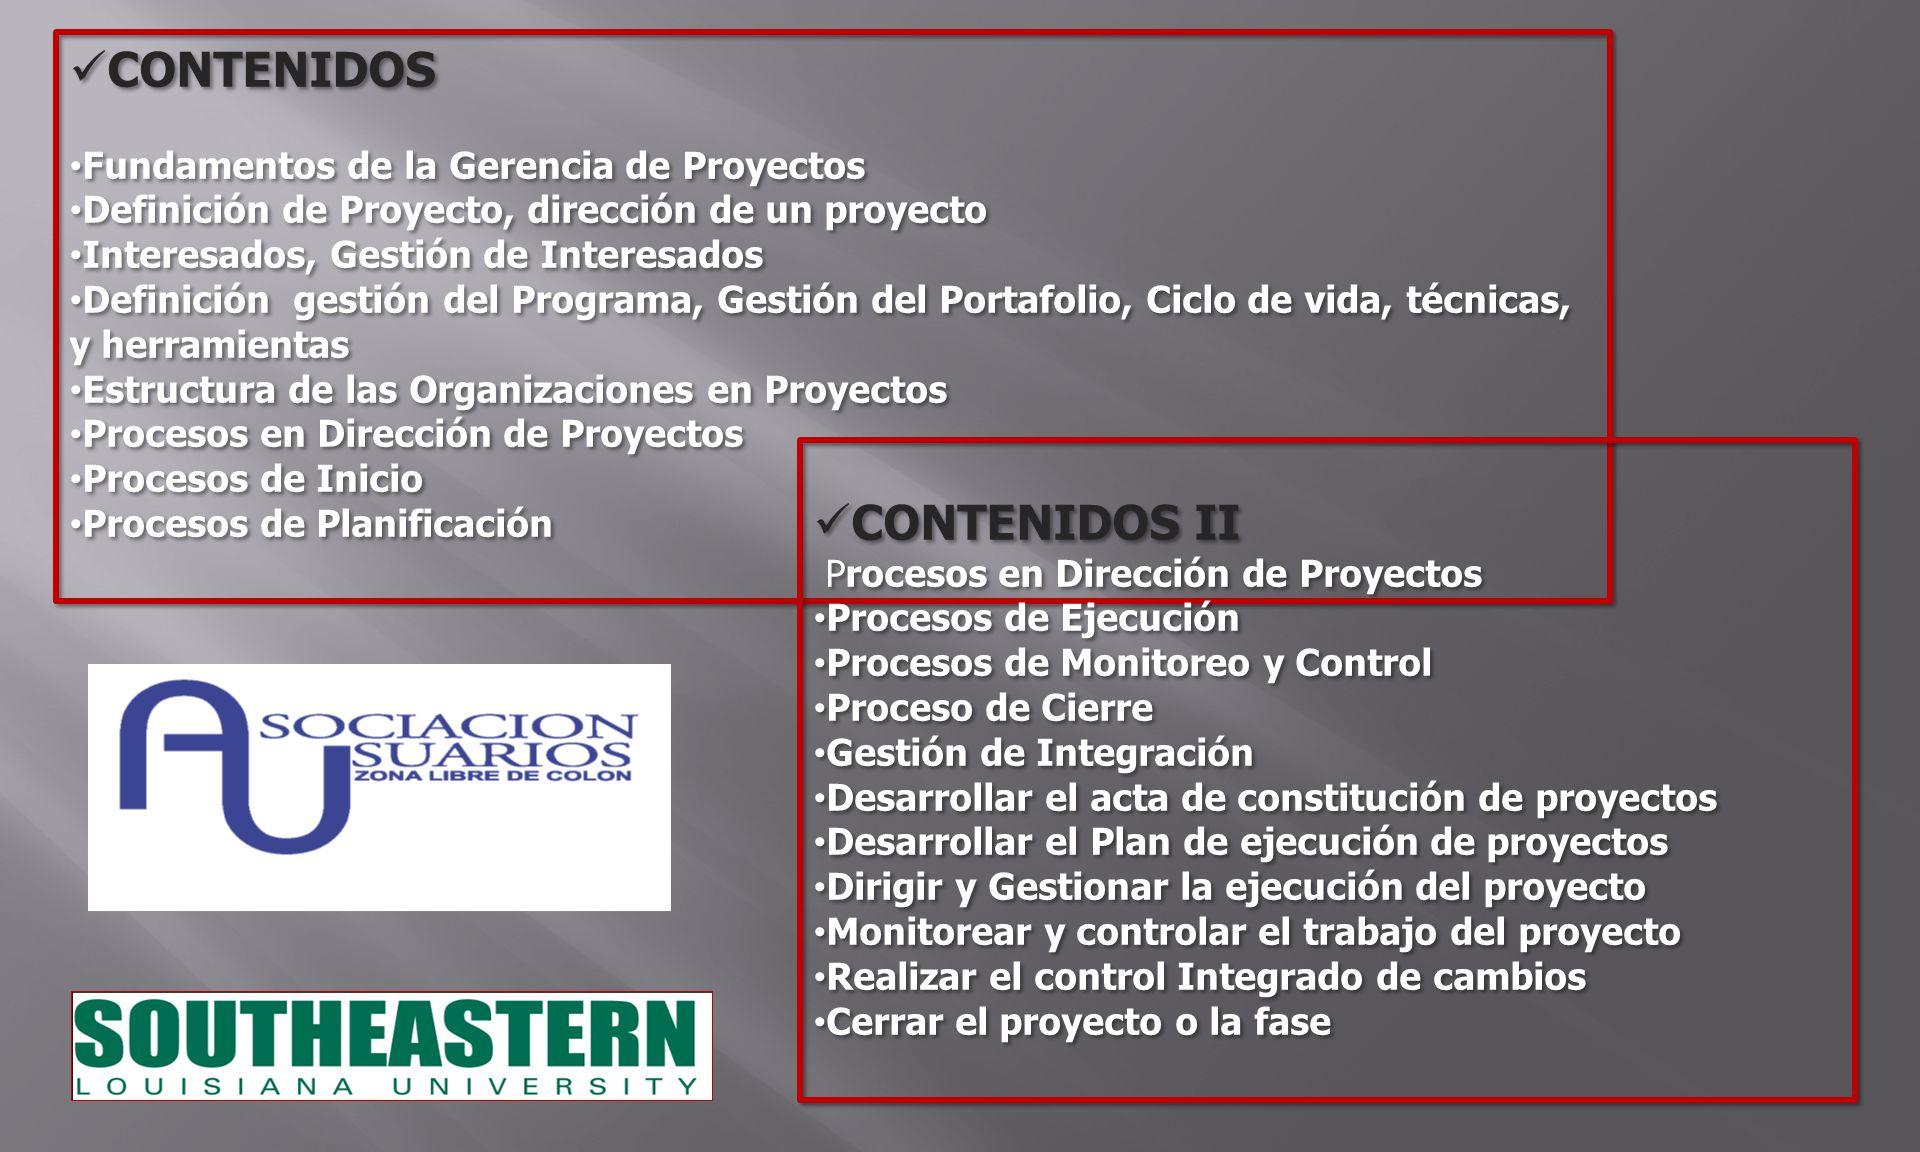 CONTENIDOS Fundamentos de la Gerencia de Proyectos Definición de Proyecto, dirección de un proyecto Interesados, Gestión de Interesados Definición gestión del Programa, Gestión del Portafolio, Ciclo de vida, técnicas, y herramientas Estructura de las Organizaciones en Proyectos Procesos en Dirección de Proyectos Procesos de Inicio Procesos de Planificación CONTENIDOS Fundamentos de la Gerencia de Proyectos Definición de Proyecto, dirección de un proyecto Interesados, Gestión de Interesados Definición gestión del Programa, Gestión del Portafolio, Ciclo de vida, técnicas, y herramientas Estructura de las Organizaciones en Proyectos Procesos en Dirección de Proyectos Procesos de Inicio Procesos de Planificación CONTENIDOS II Procesos en Dirección de Proyectos Procesos de Ejecución Procesos de Monitoreo y Control Proceso de Cierre Gestión de Integración Desarrollar el acta de constitución de proyectos Desarrollar el Plan de ejecución de proyectos Dirigir y Gestionar la ejecución del proyecto Monitorear y controlar el trabajo del proyecto Realizar el control Integrado de cambios Cerrar el proyecto o la fase CONTENIDOS II Procesos en Dirección de Proyectos Procesos de Ejecución Procesos de Monitoreo y Control Proceso de Cierre Gestión de Integración Desarrollar el acta de constitución de proyectos Desarrollar el Plan de ejecución de proyectos Dirigir y Gestionar la ejecución del proyecto Monitorear y controlar el trabajo del proyecto Realizar el control Integrado de cambios Cerrar el proyecto o la fase